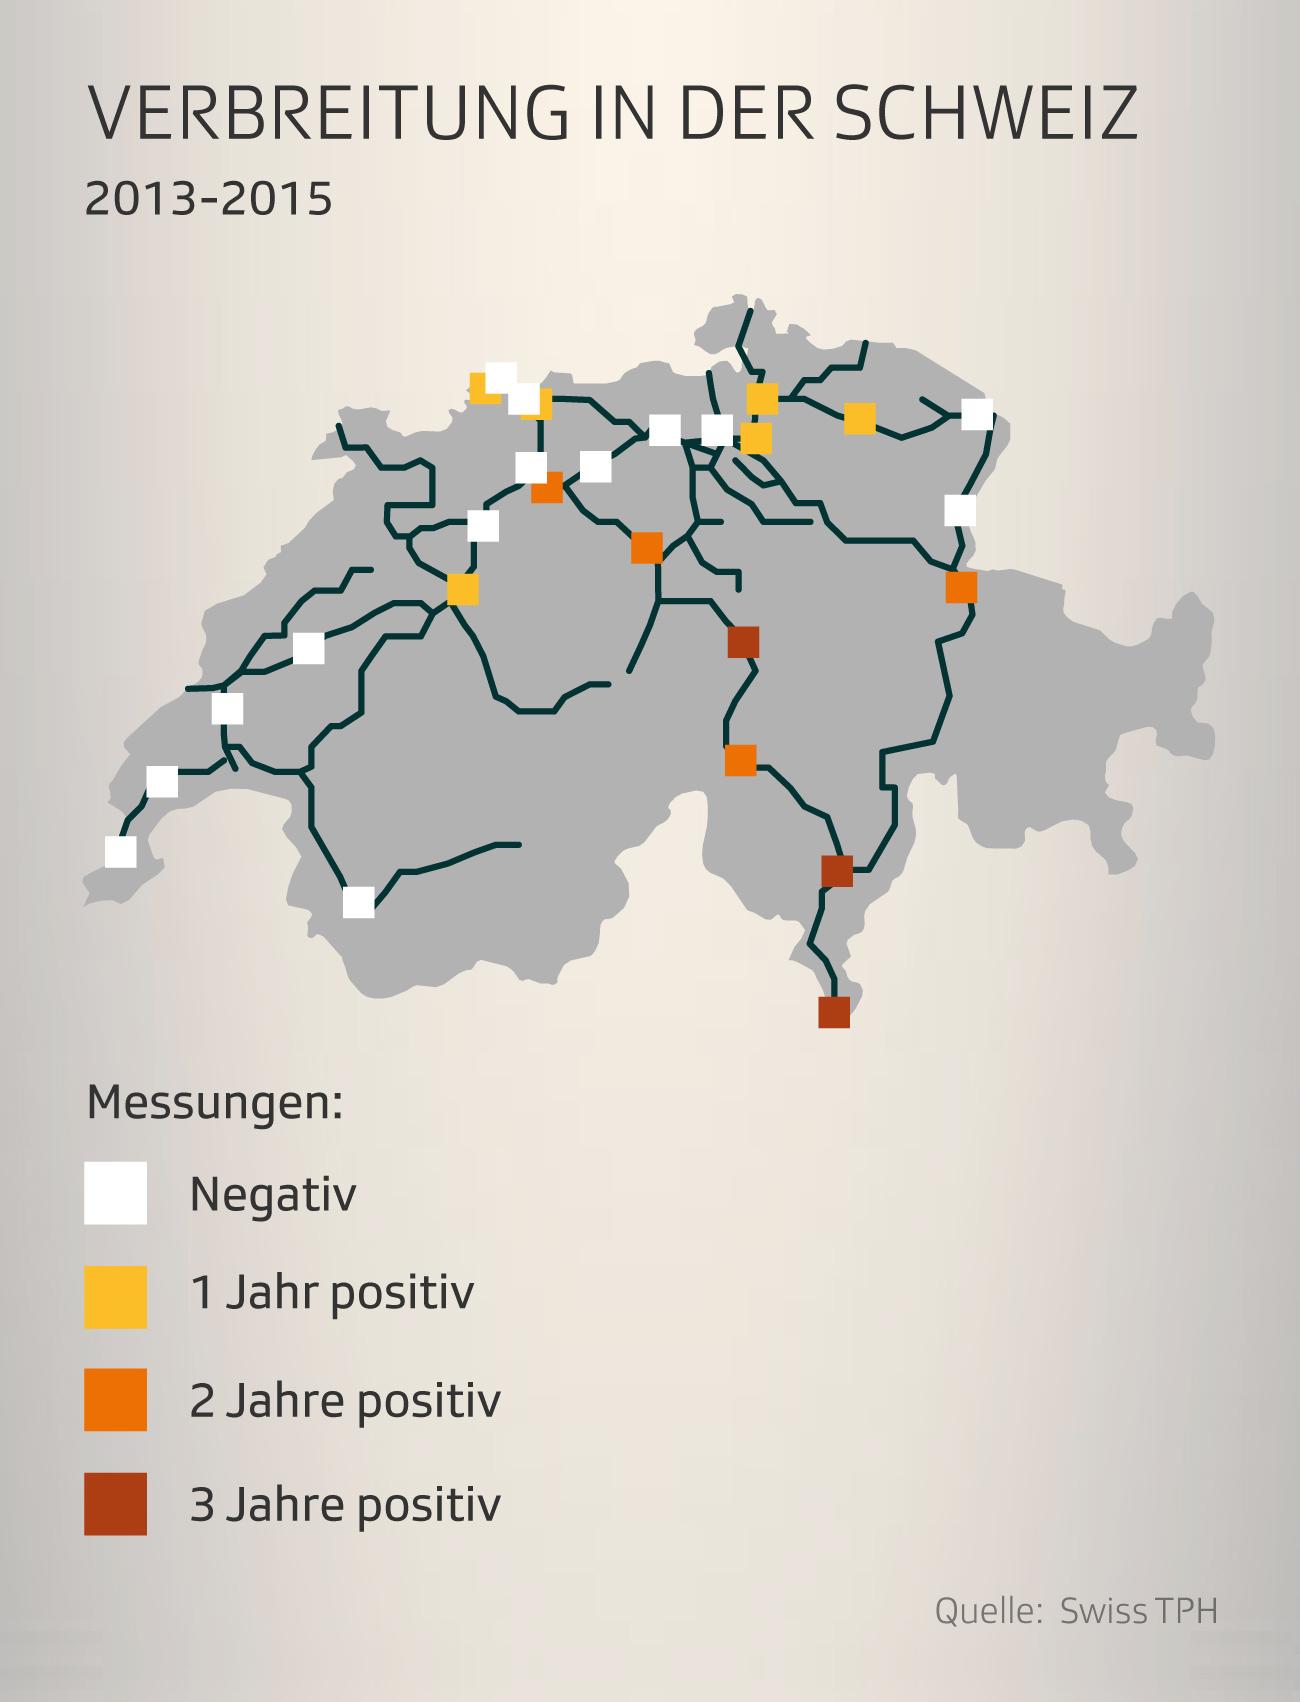 Vorkommen in der Schweiz